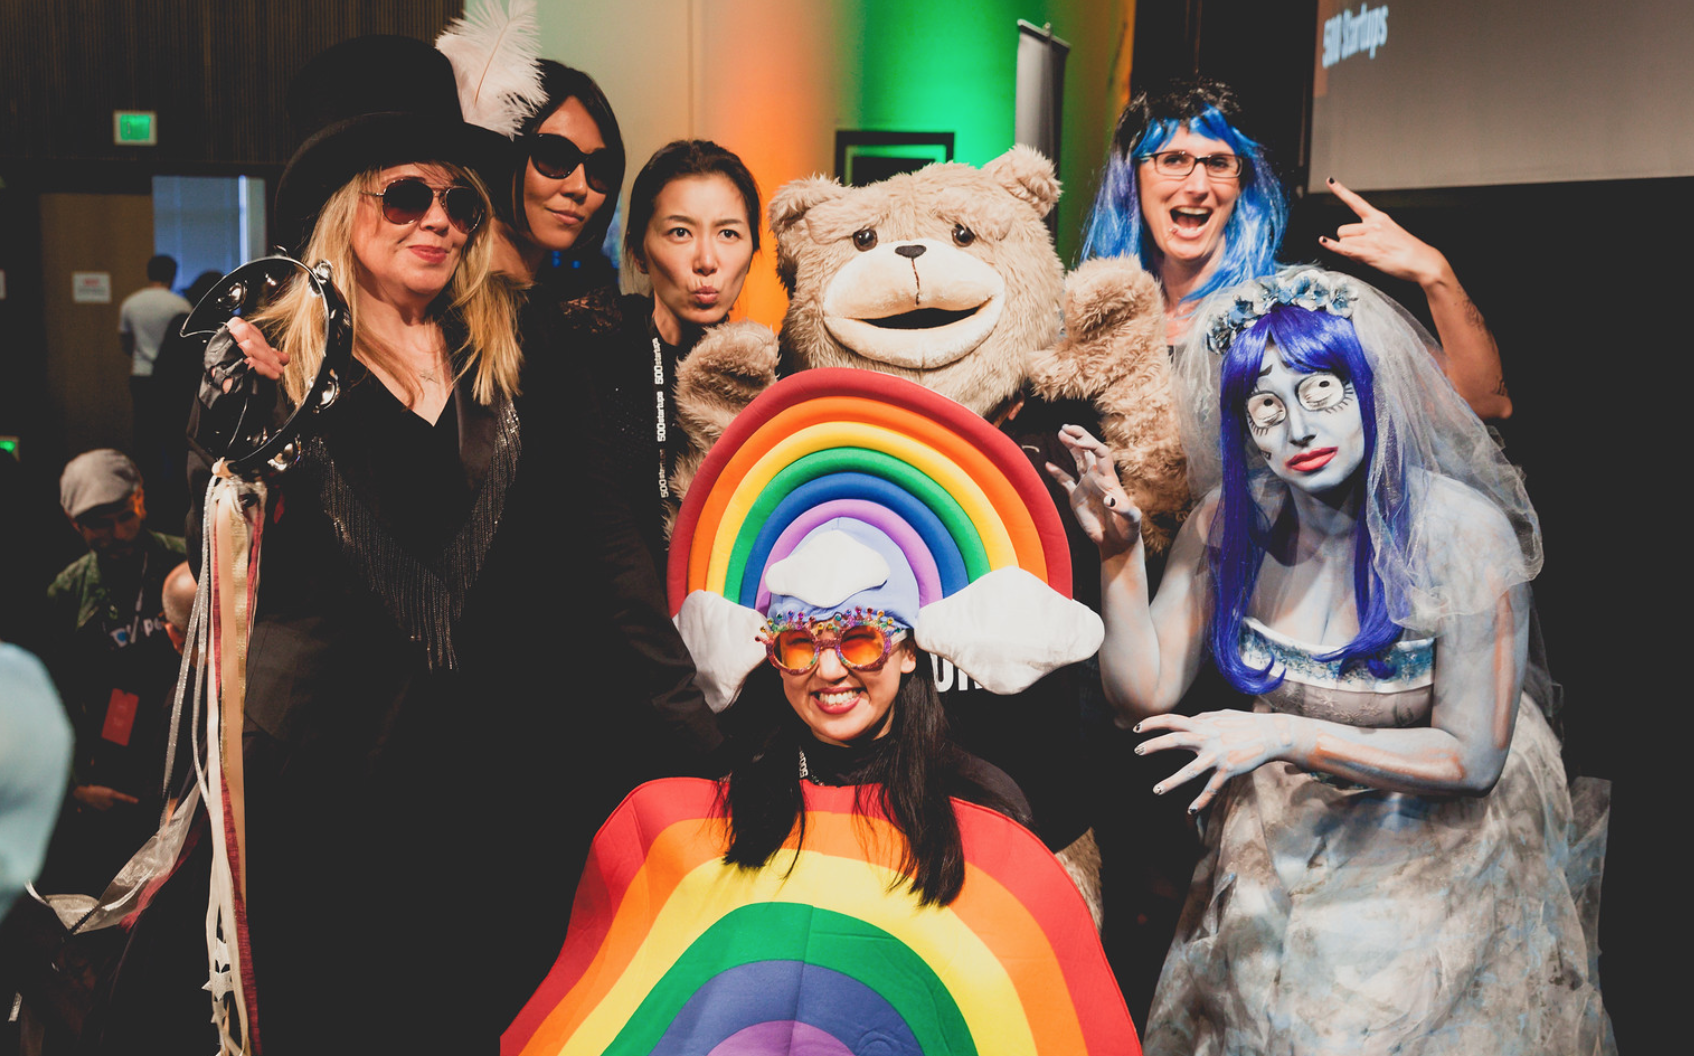 在硅谷,陆怡颖让 500 Startups 的路演会变成了独树一格,备受追捧的派对。